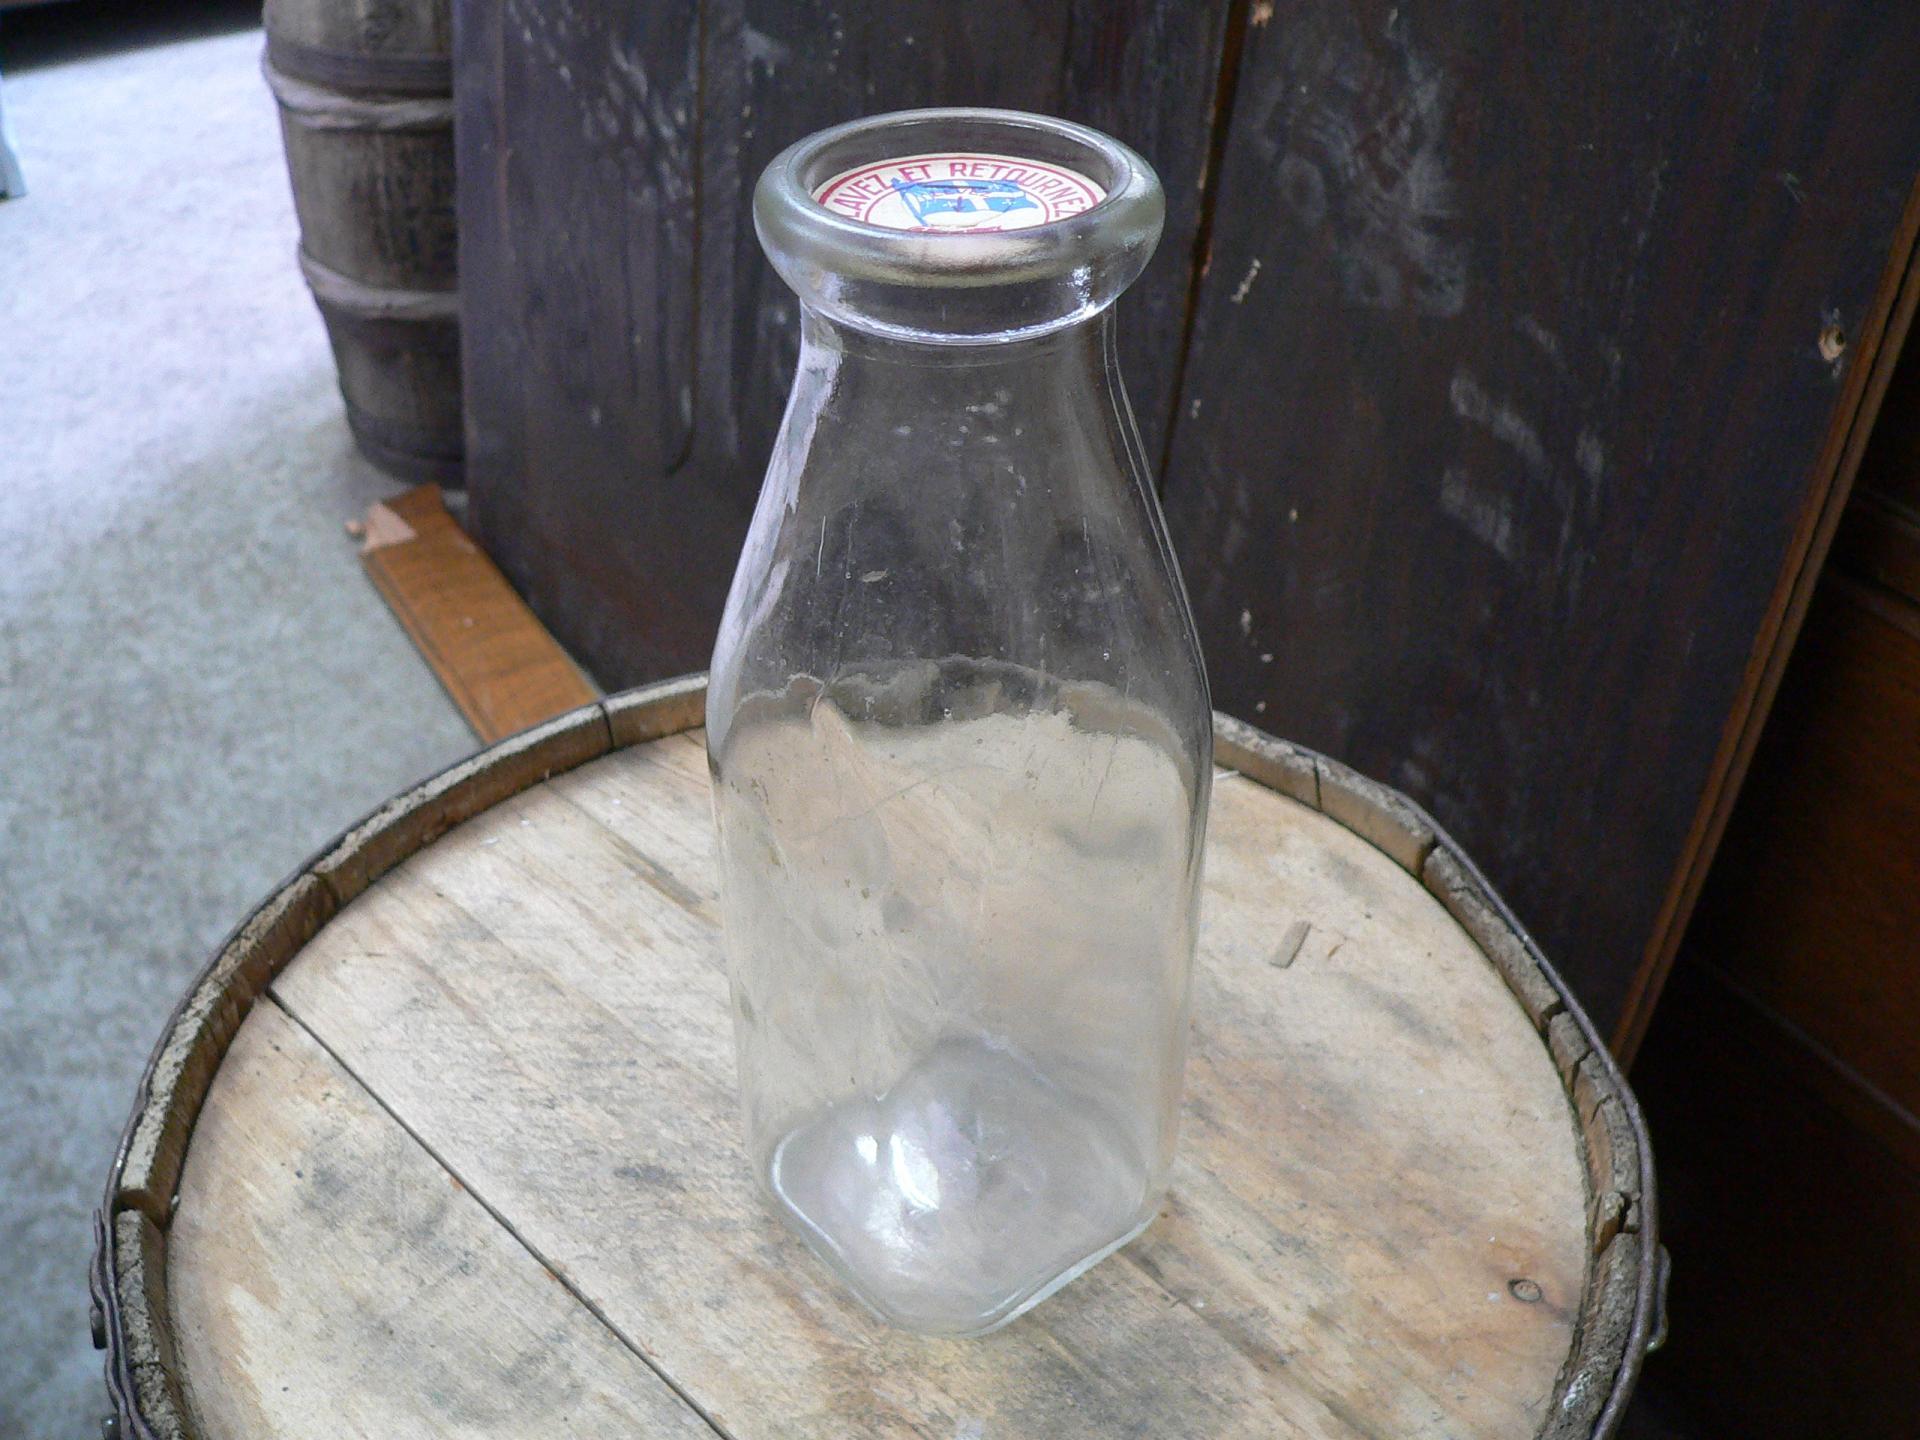 Bouteille de lait antique # 5023.38